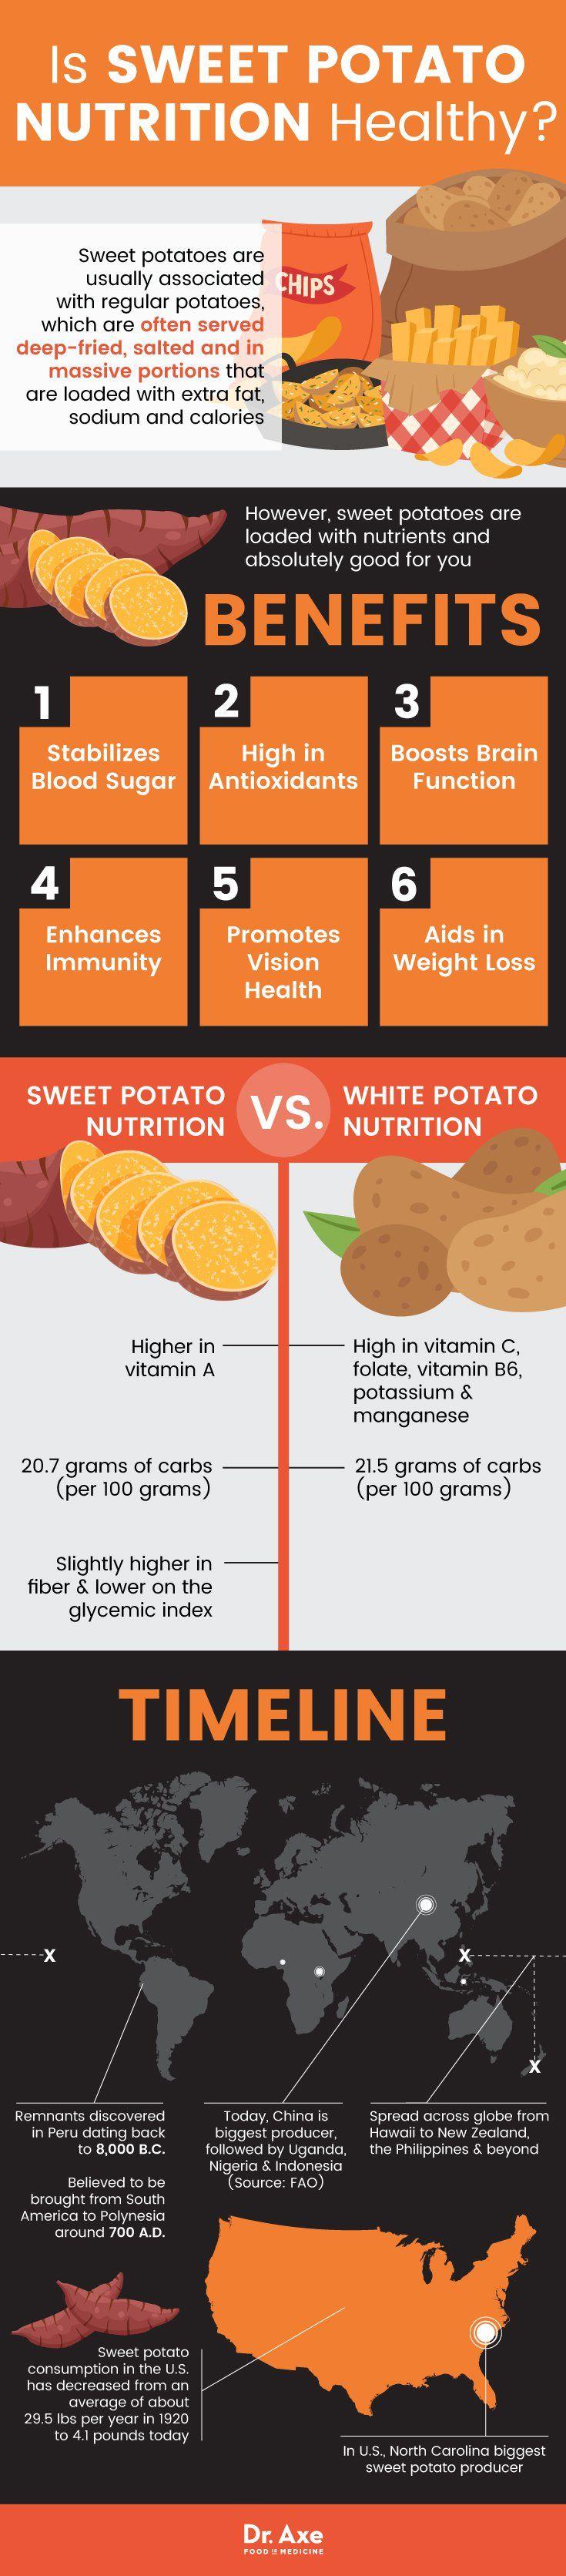 Sweet potato nutrition - Dr. Axe